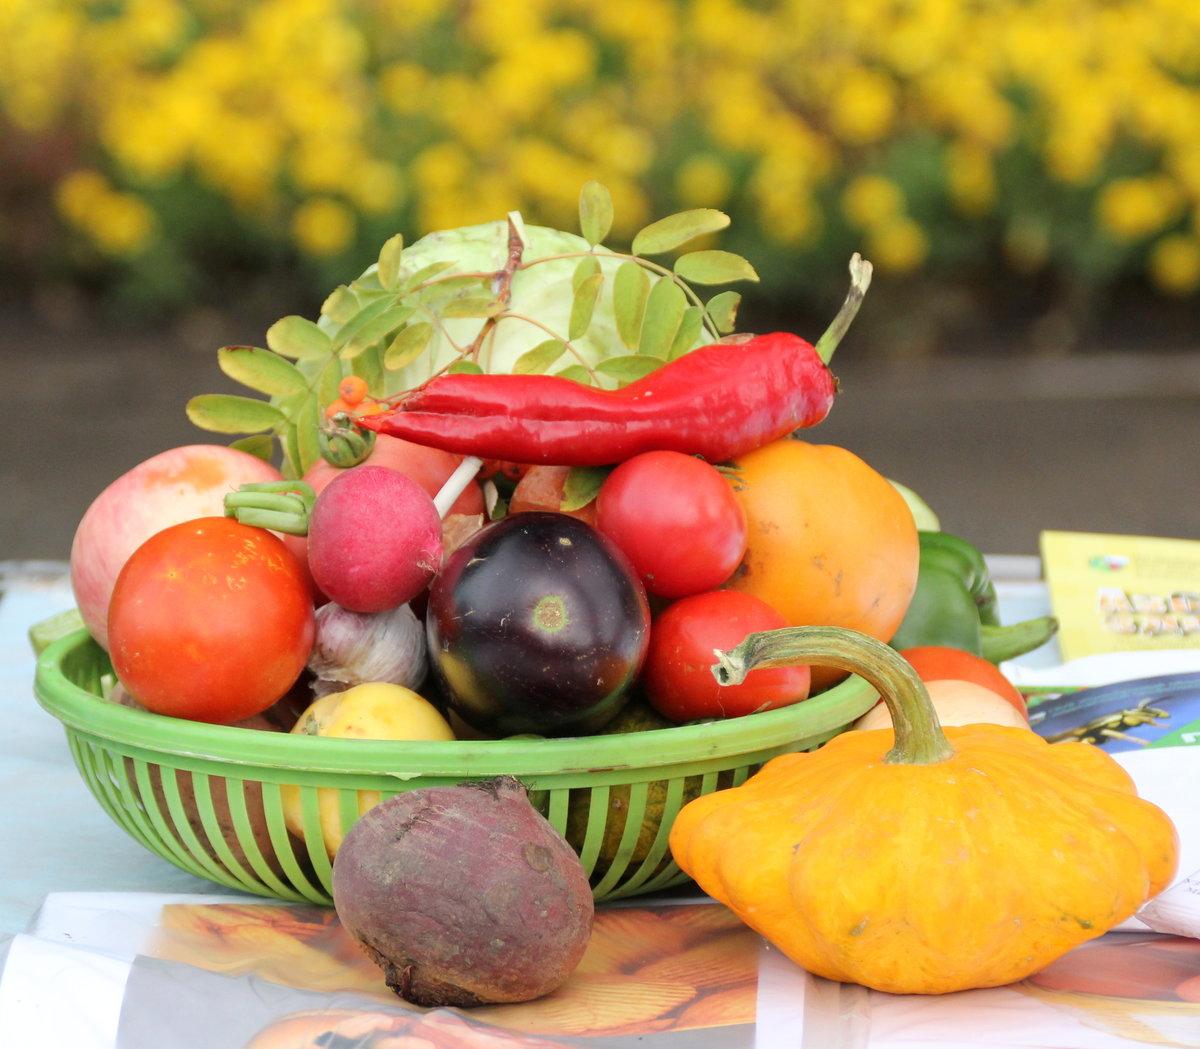 этот осень картинки фрукты и овощи для пообещал направить официальный